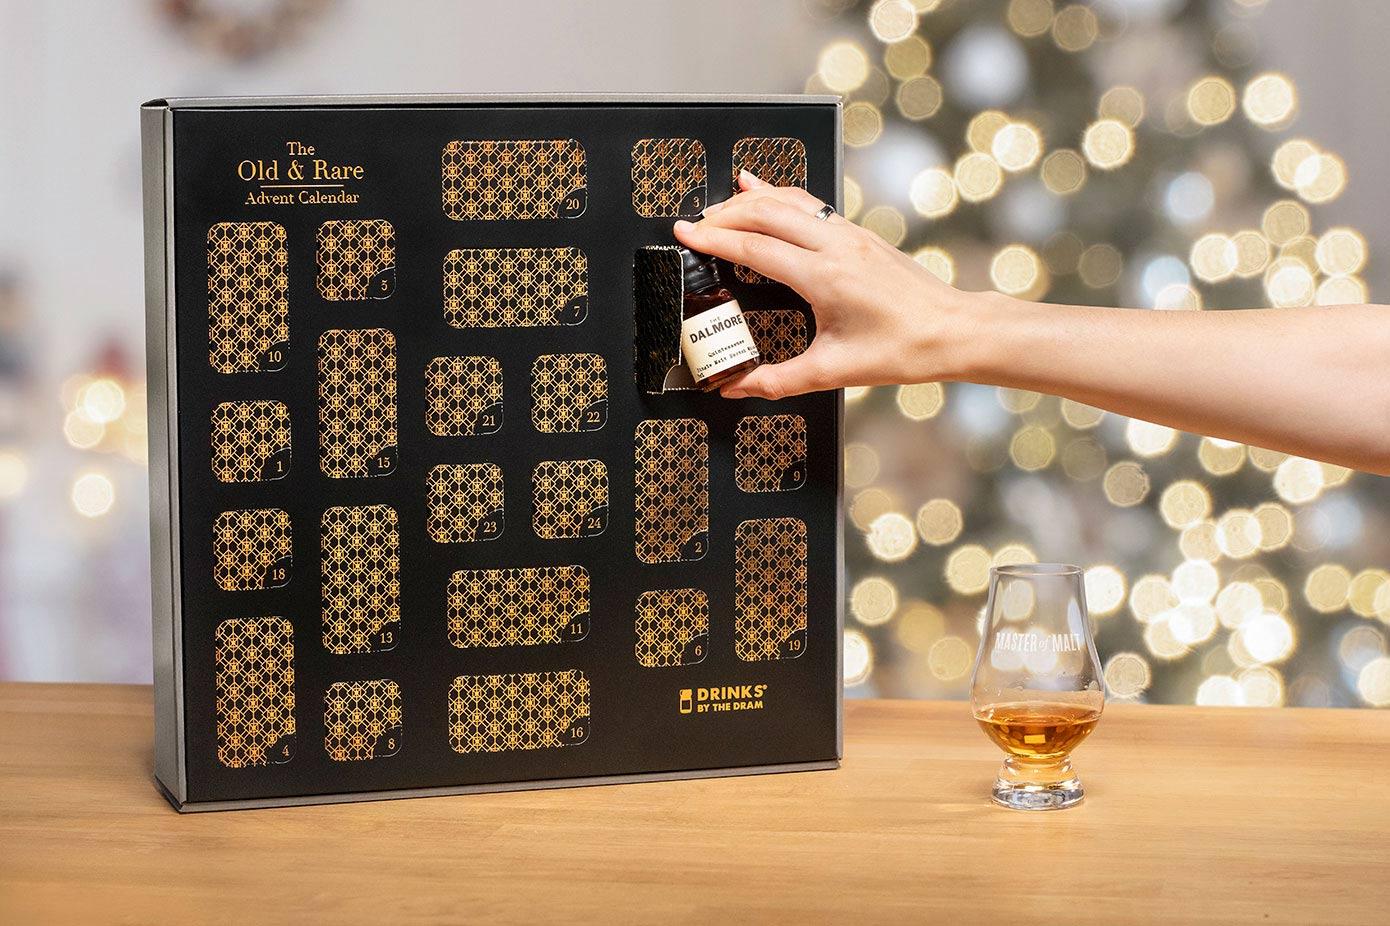 Old & Rare Whisky Advent Calendar